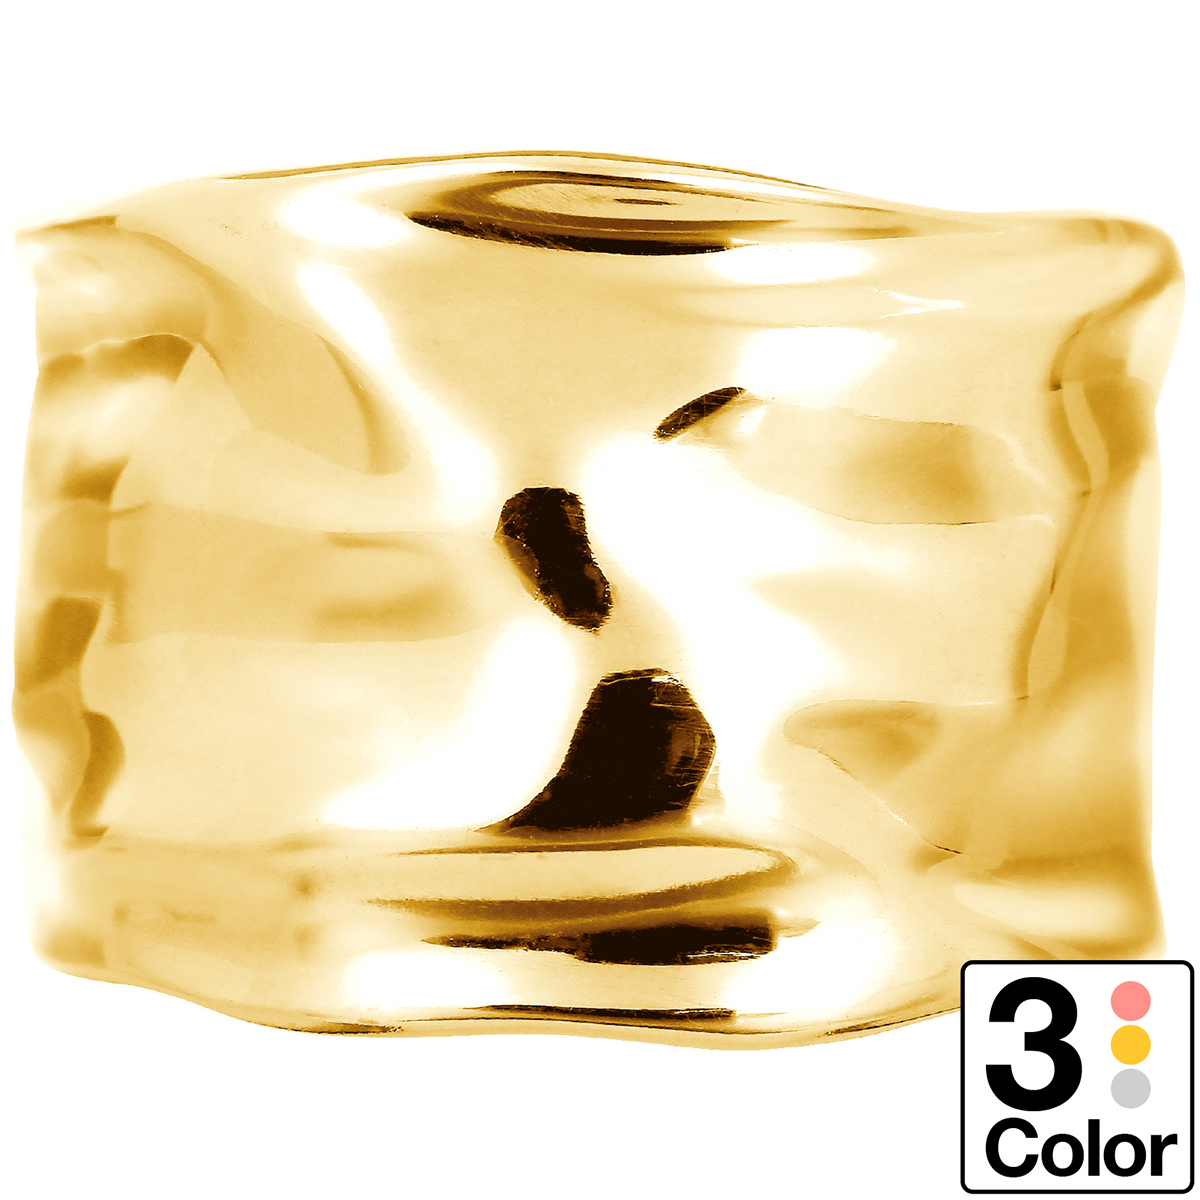 地金 リング フォークリング k18 イエローゴールド/ホワイトゴールド/ピンクゴールド ファッションリング 品質保証書 金属アレルギー 日本製 誕生日 ギフト